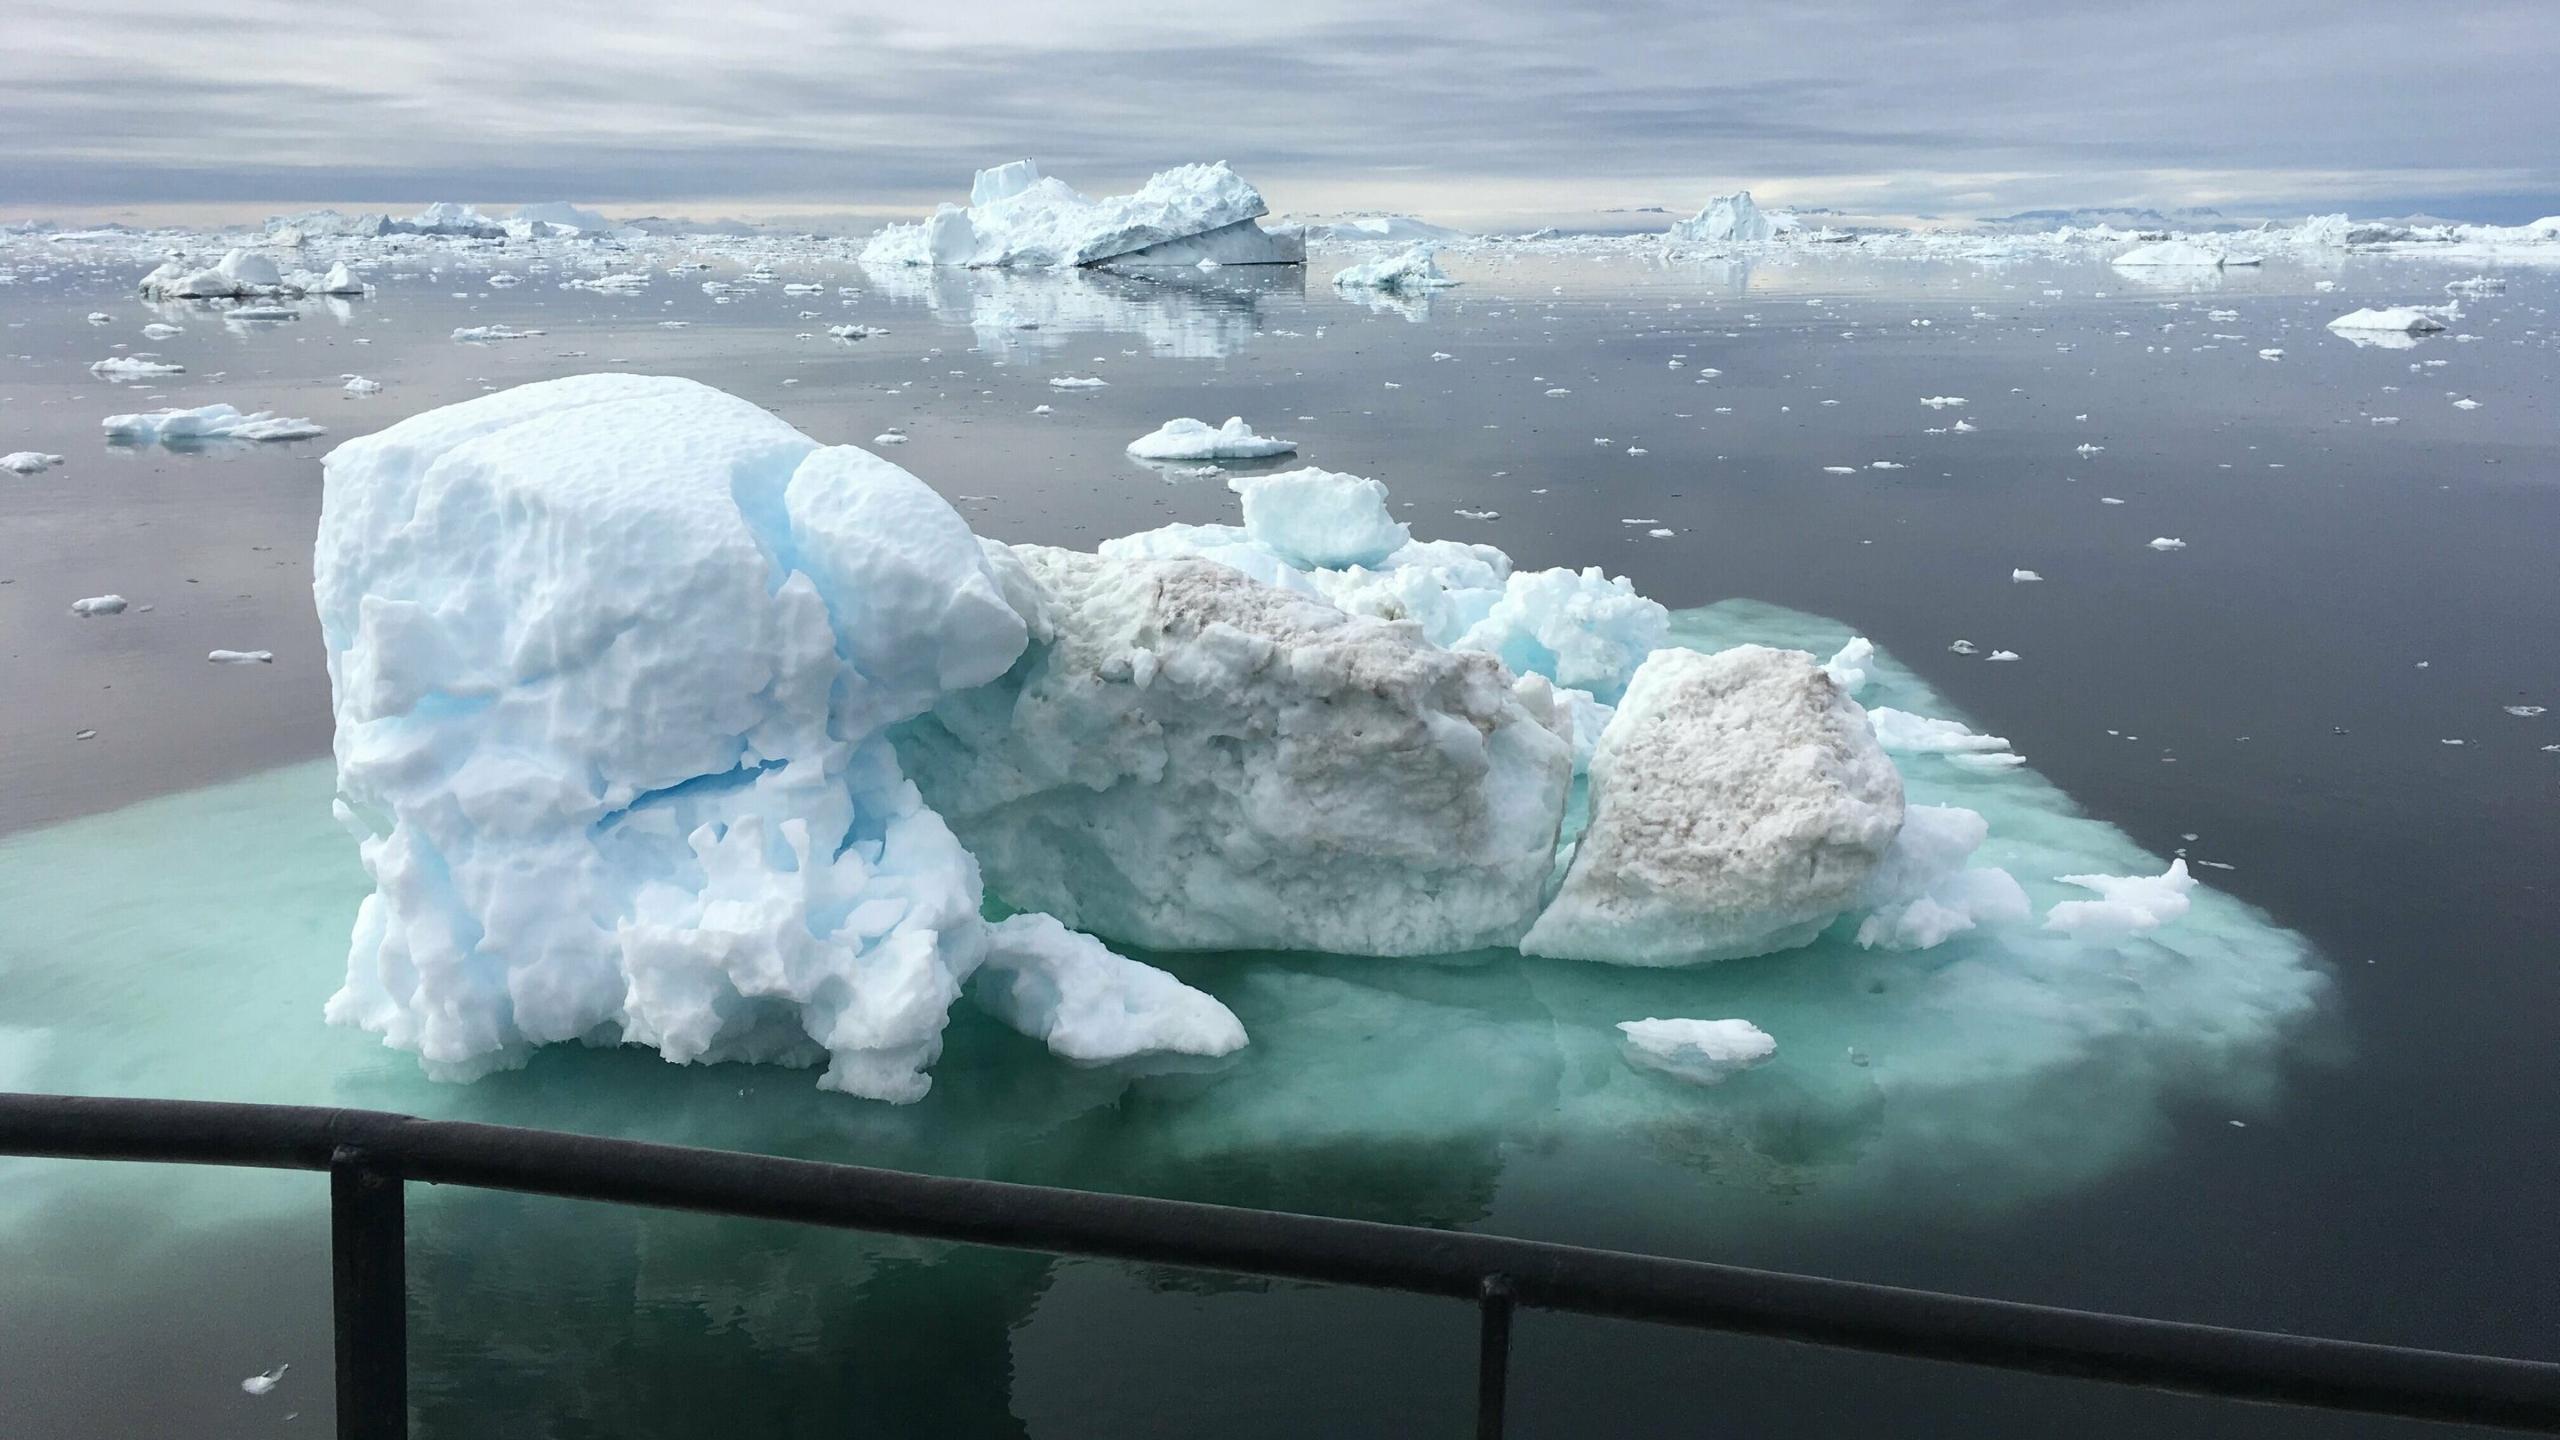 Ведущие климатологи предсказали, что уровень Мирового океана вырастет на метр в ближайшие десятилетия